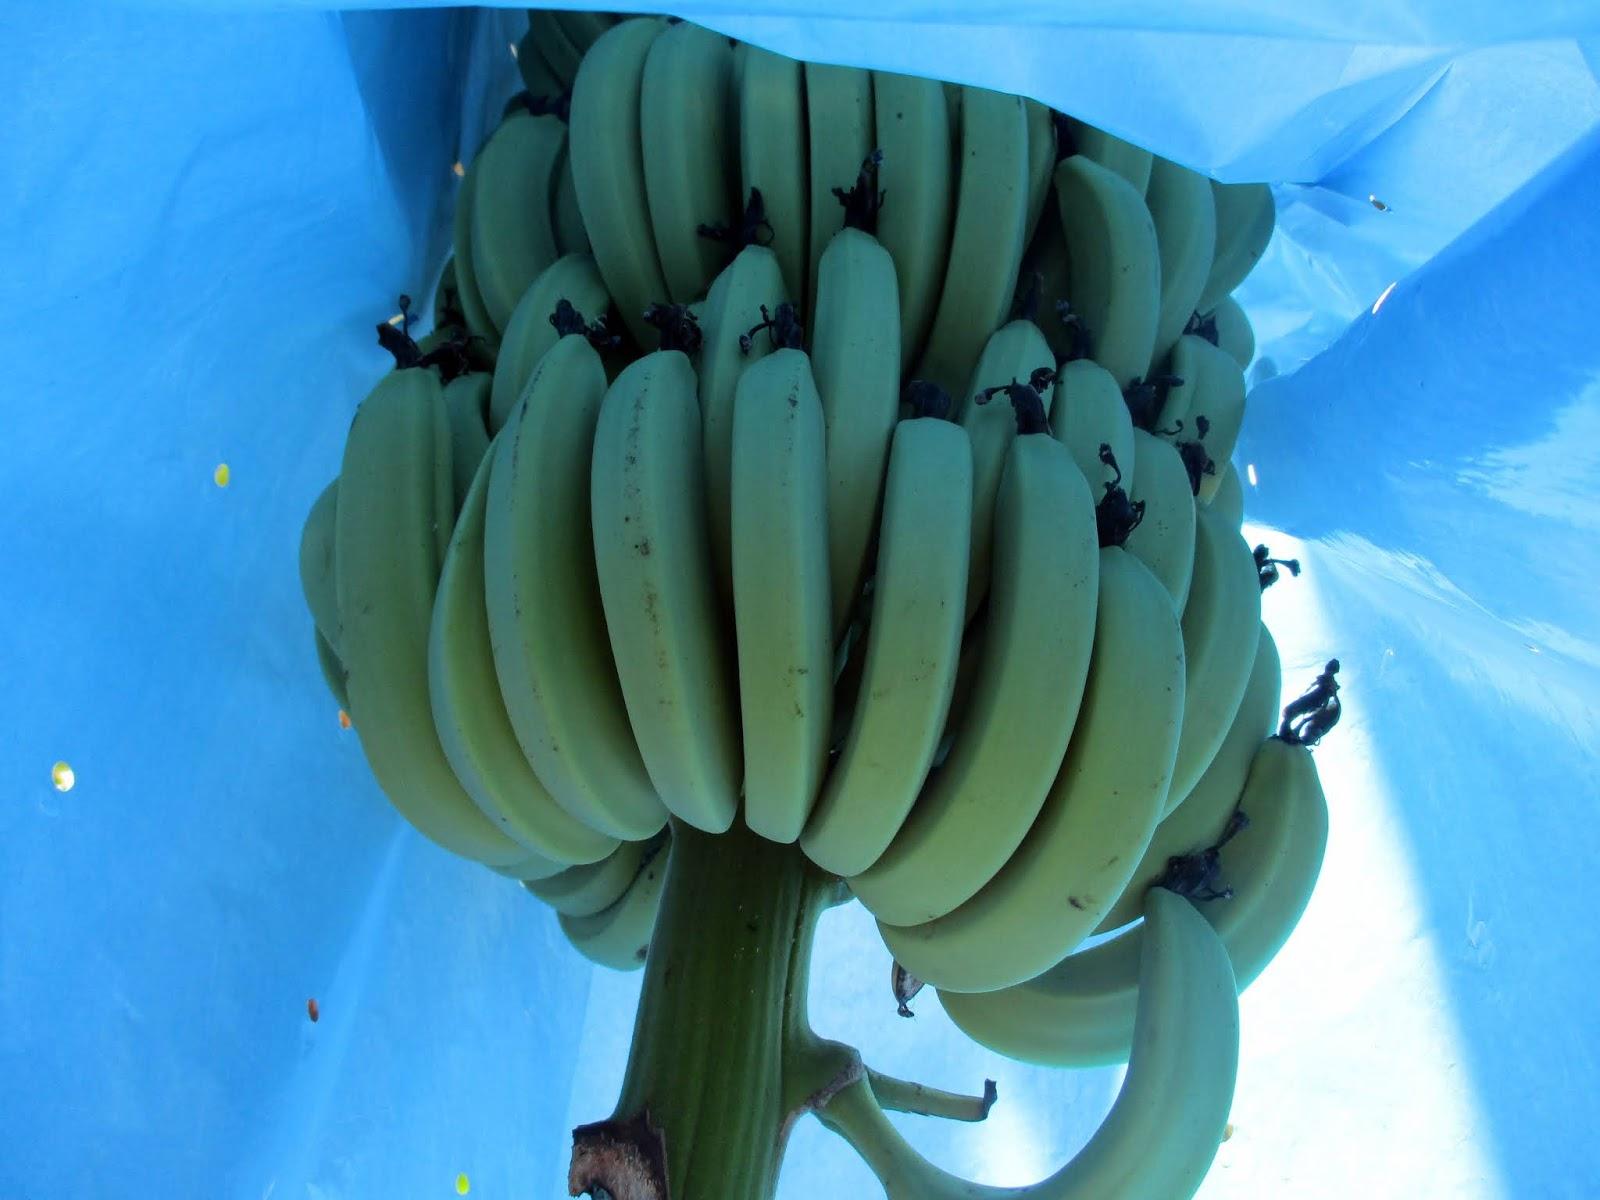 божья коровка как растут мини бананы фото элитных домов являются